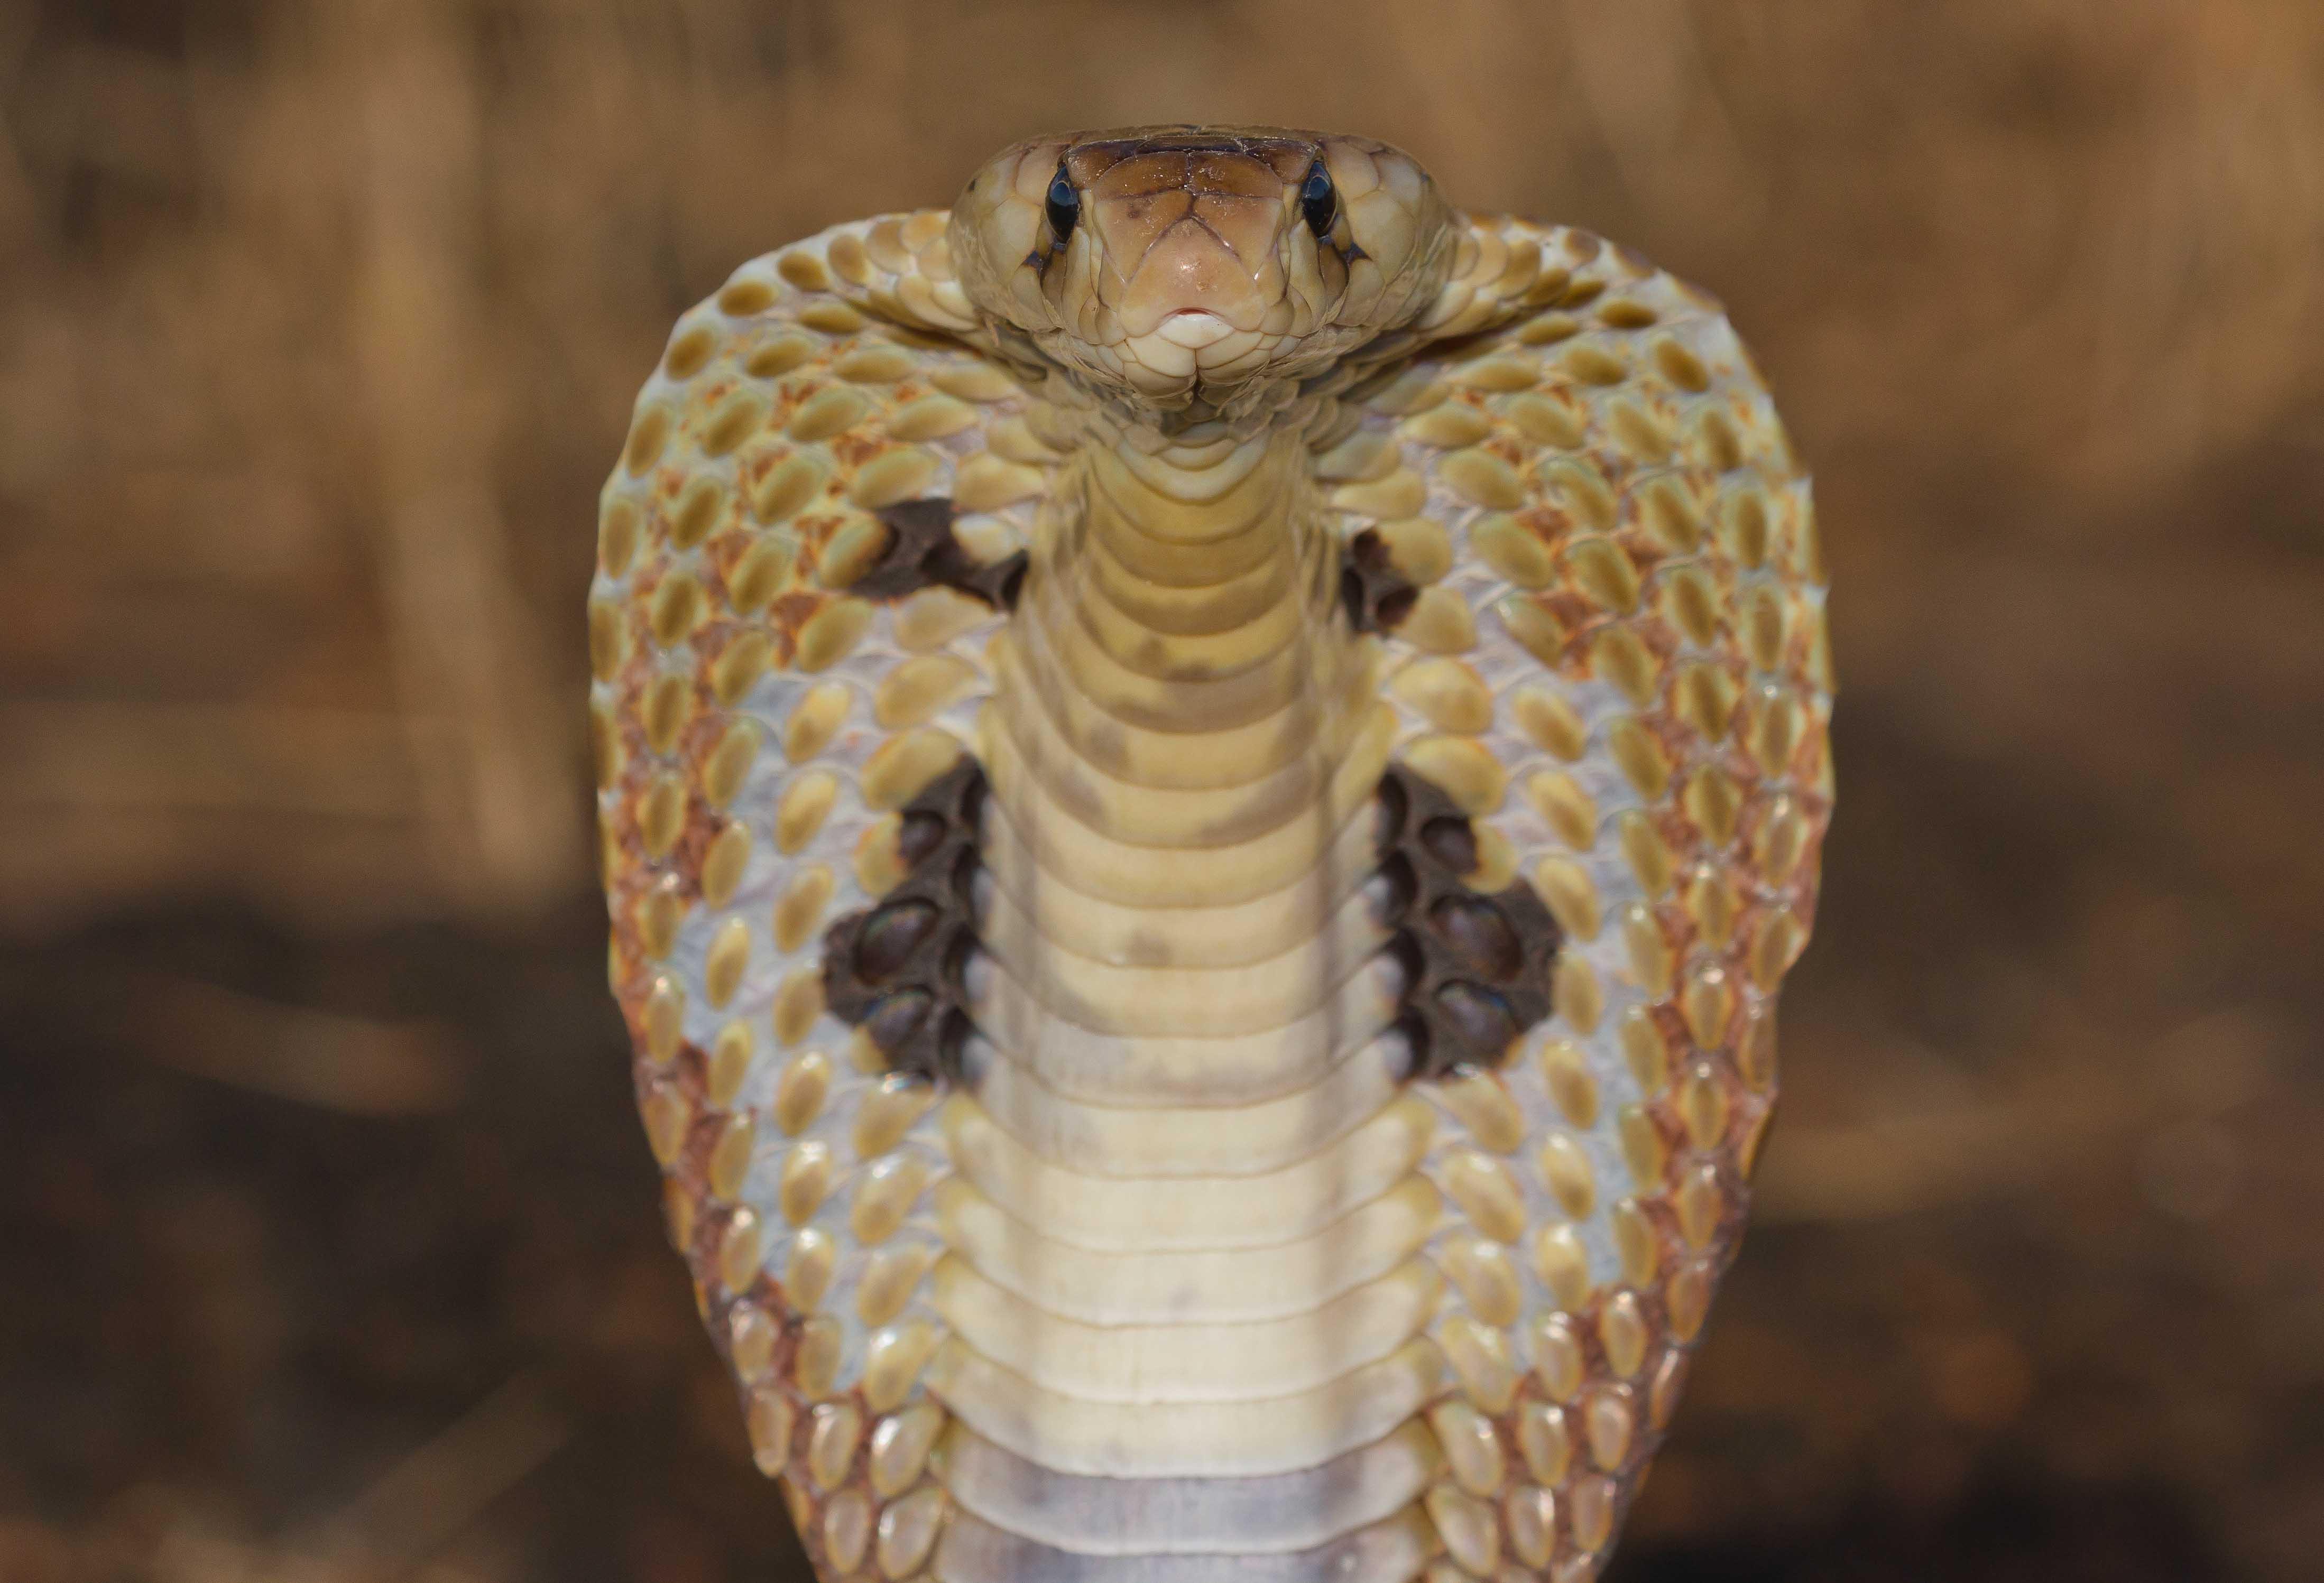 Spectacled cobra goa